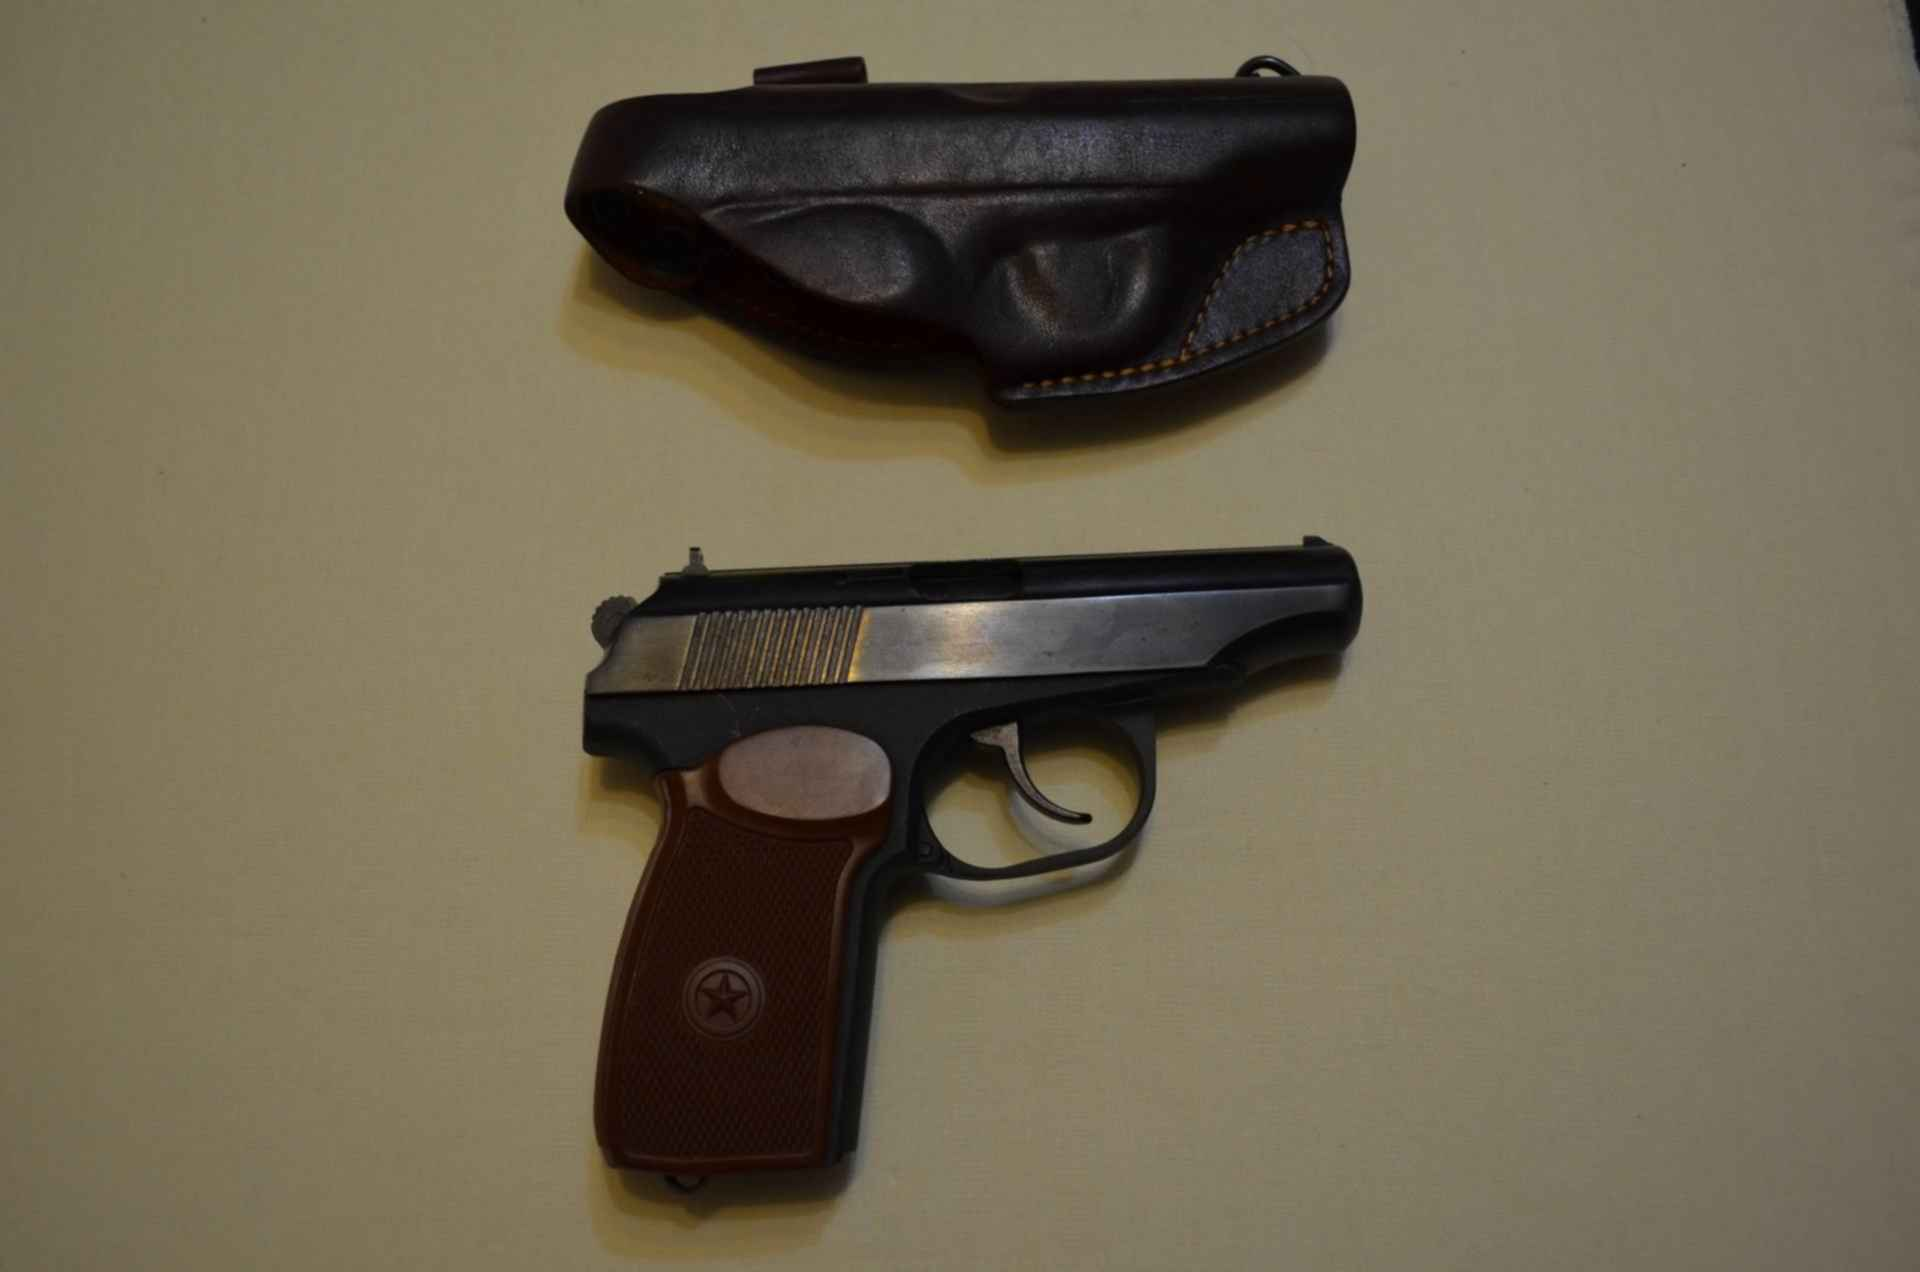 Травматический пистолет Макарыч Иж-79-9Т-10